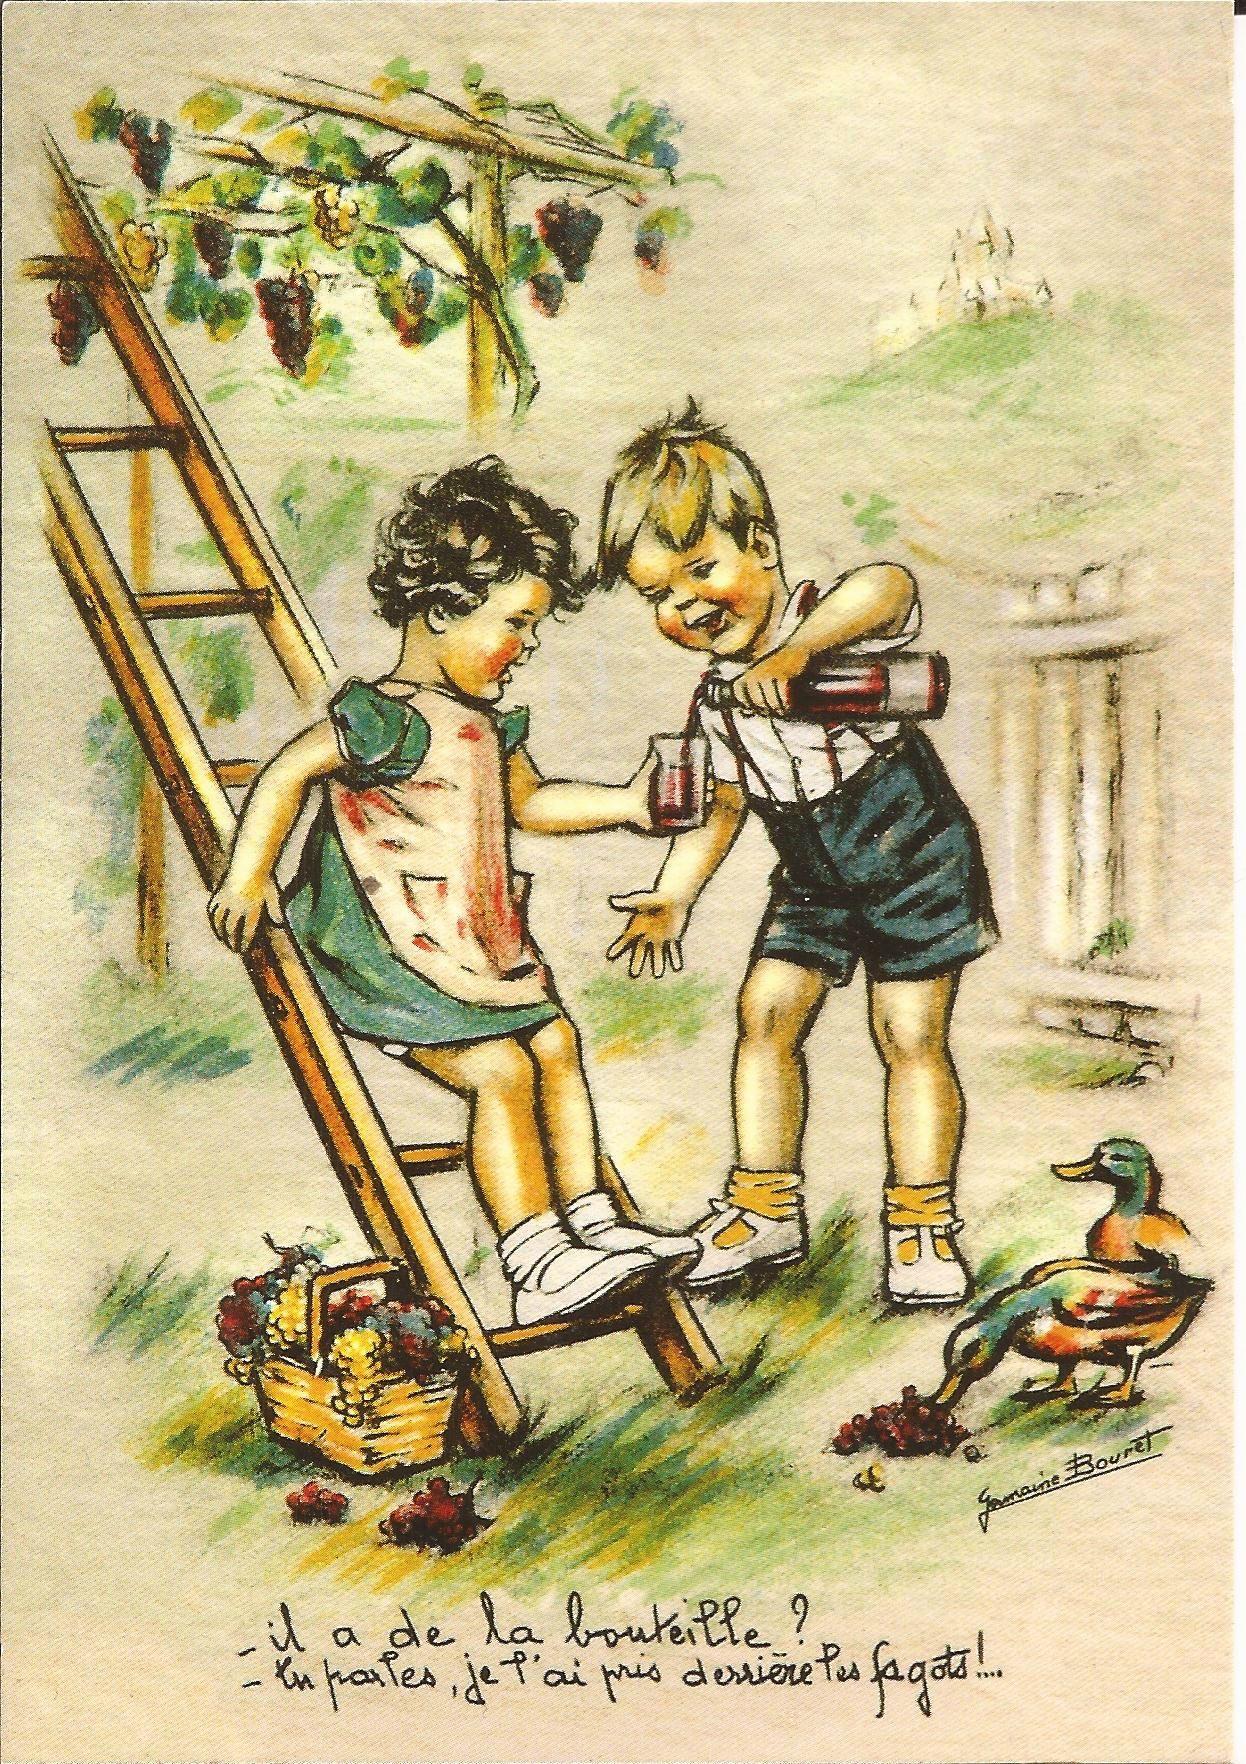 Des choses simples qui font tellement plaisir - avec un petit rien ... | Cartes anciennes ...